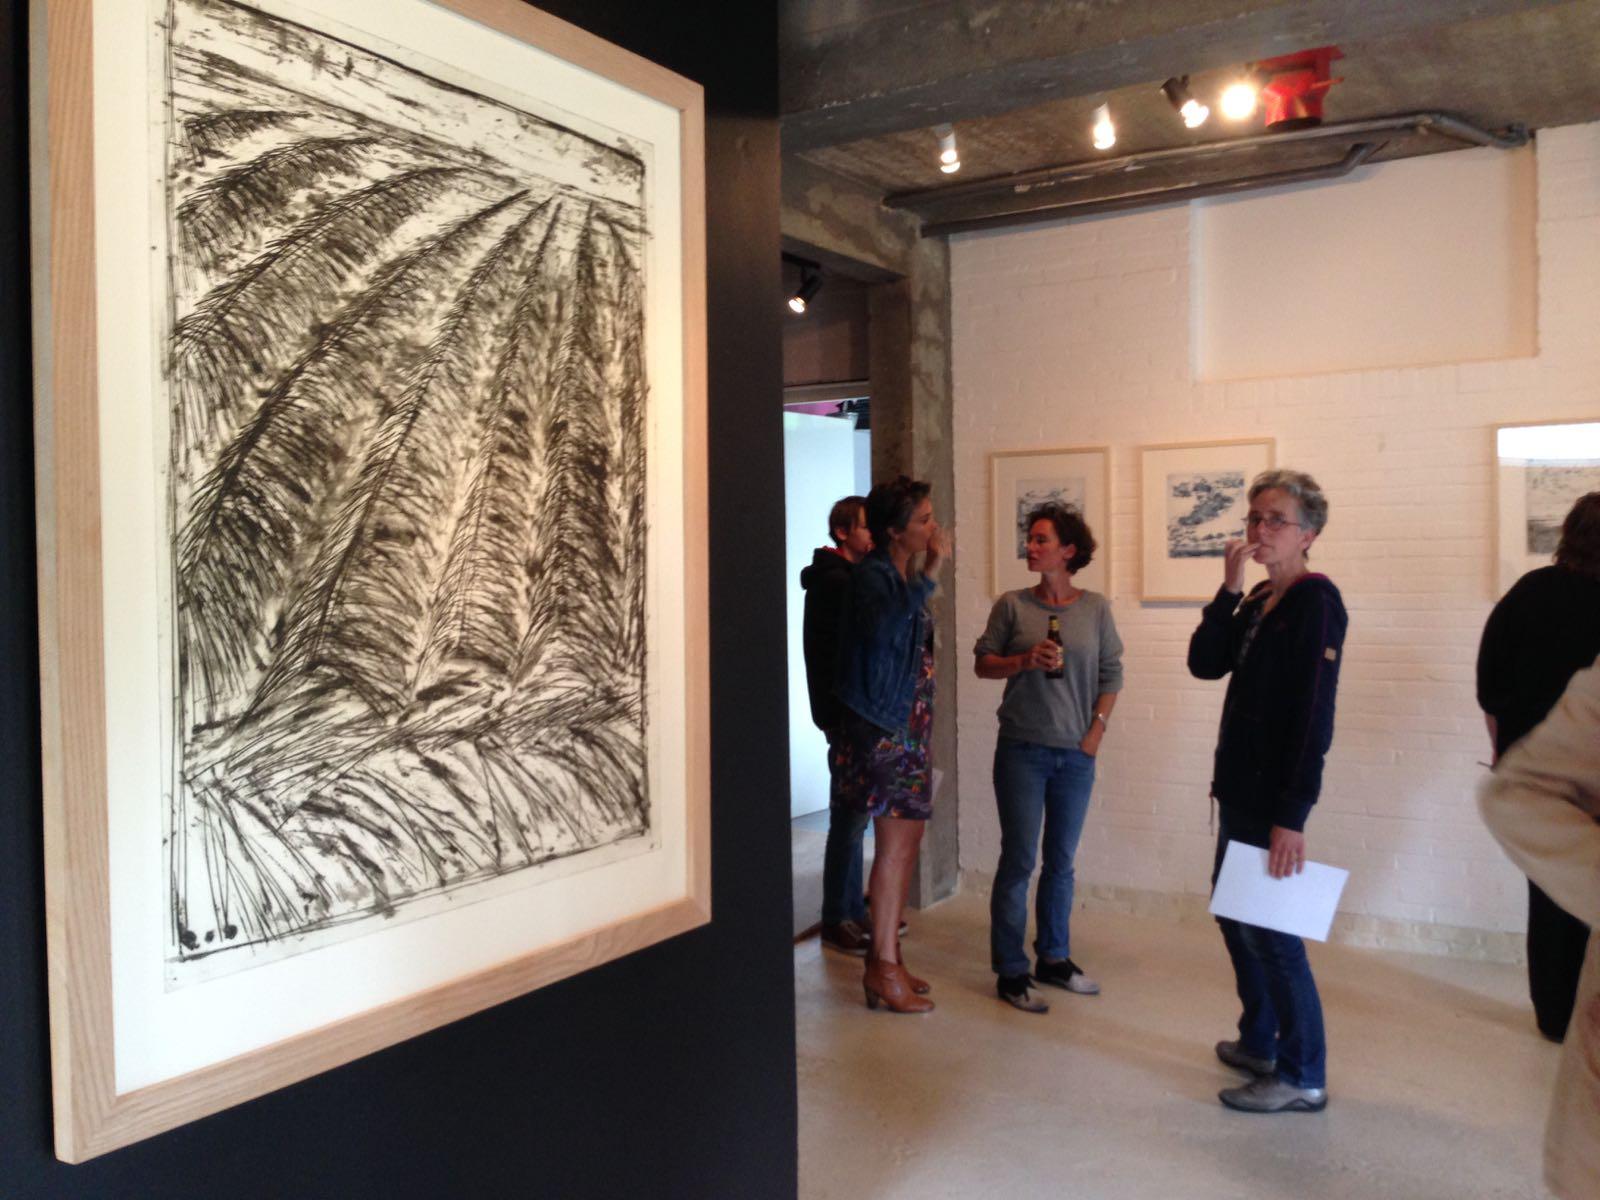 tentoonstelling in galerie gewaagd